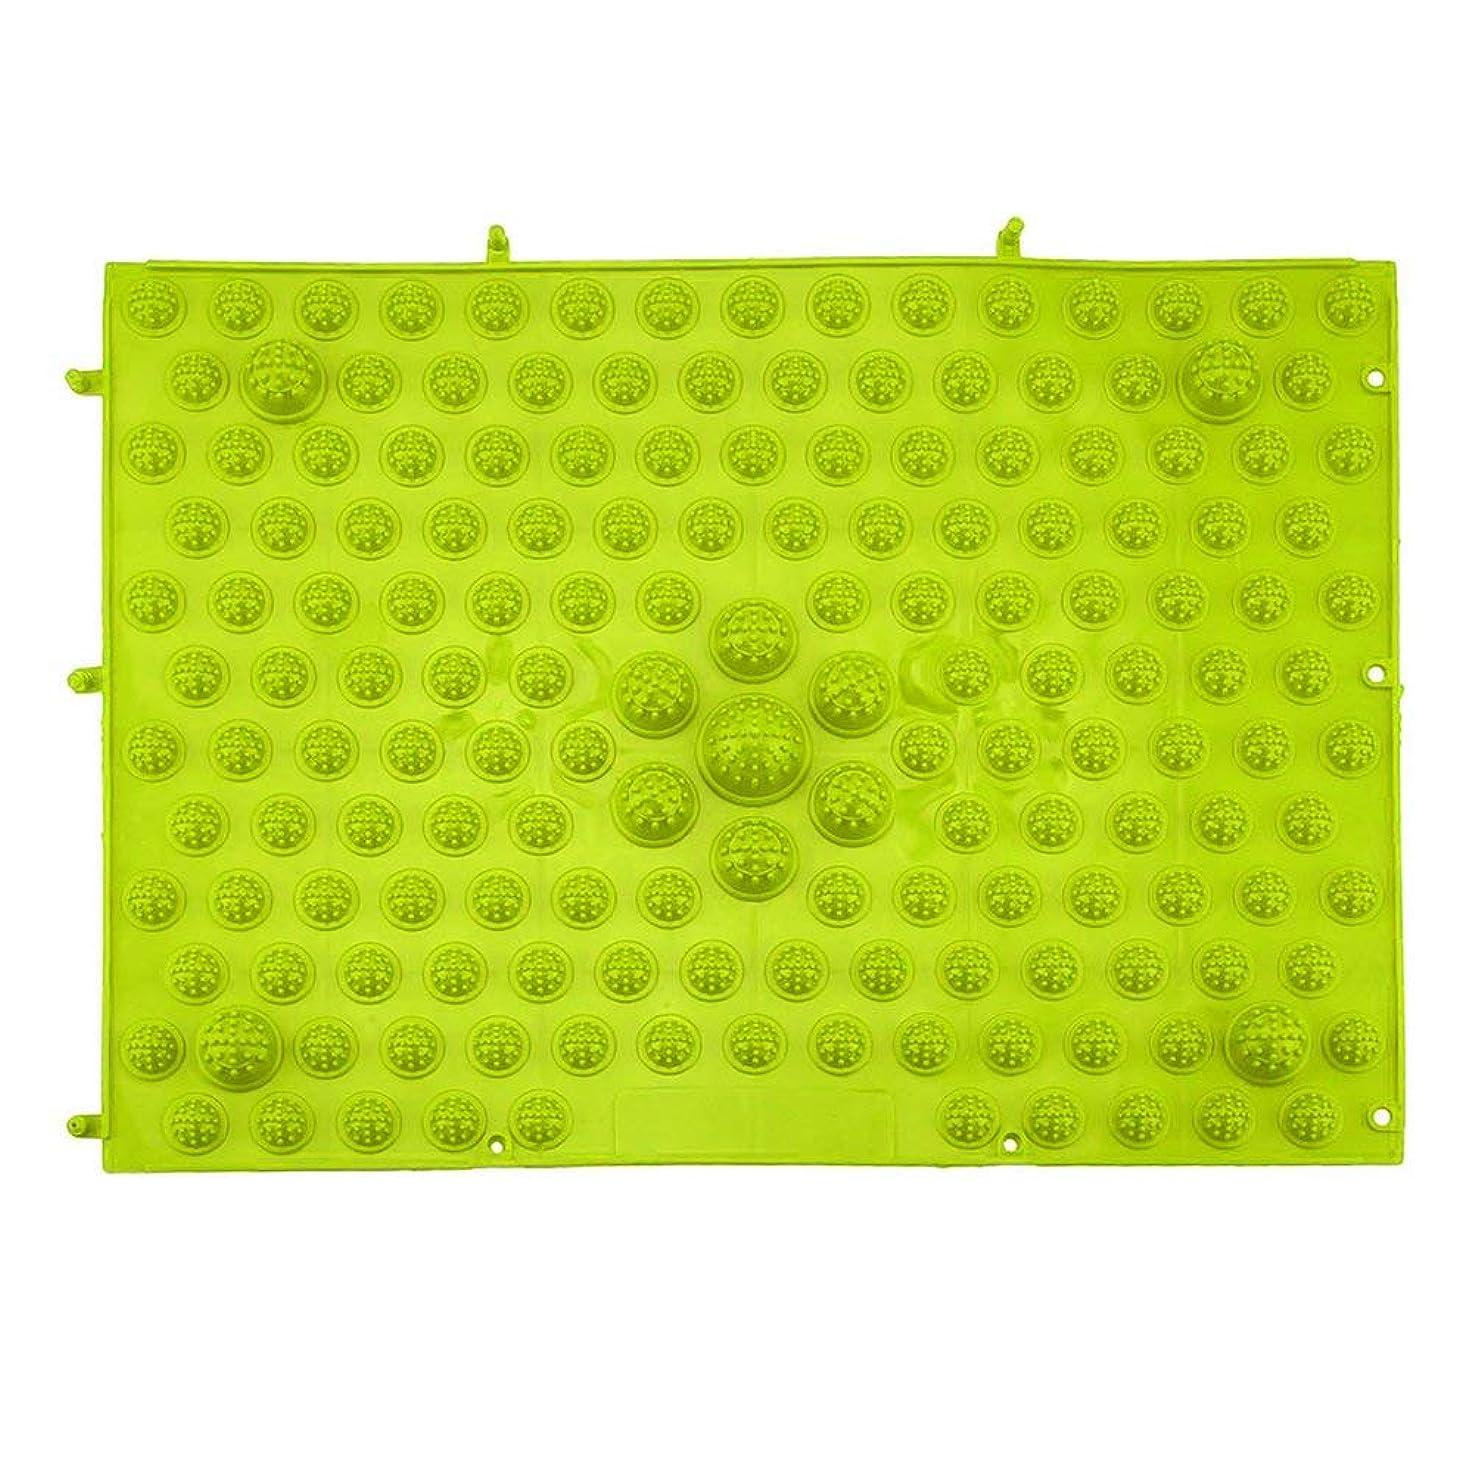 ゴシップビルマ我慢する指圧フットマットランニングマンゲーム同型フットリフレクソロジーウォーキングマッサージマット用痛み緩和ストレス緩和37x27.5cm - グリーン